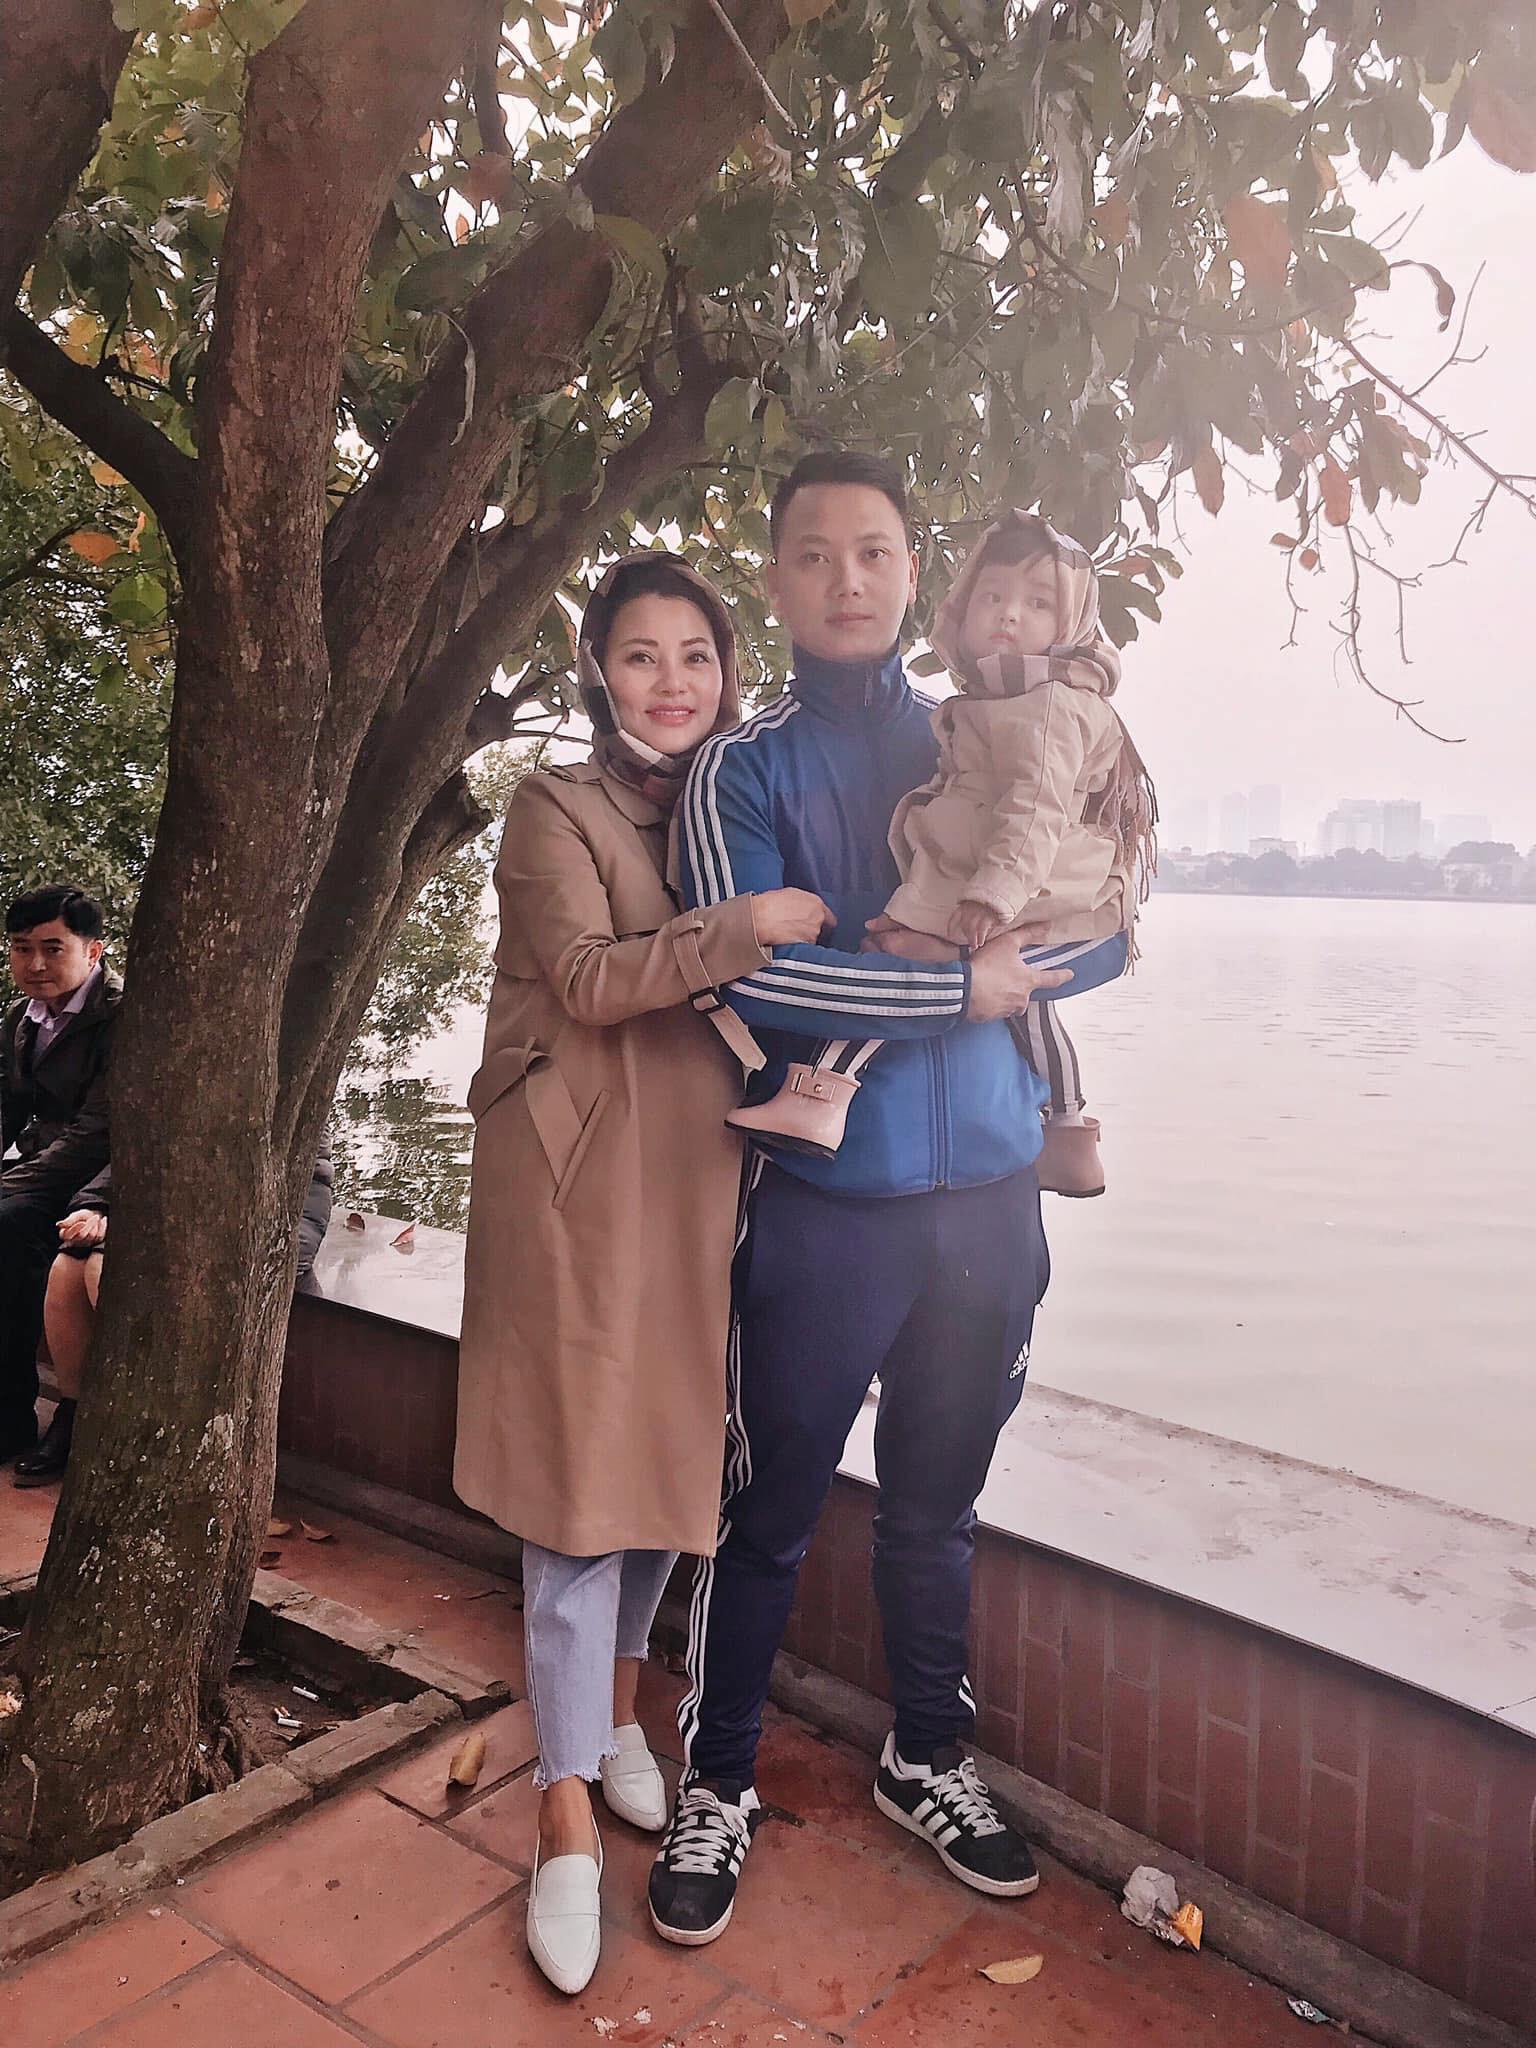 Khoe ảnh đi du lịch của mẹ chồng 50 tuổi, nàng dâu nhận về cả ngàn lời khen: mẹ chồng mà teen như gái 20 - Ảnh 6.